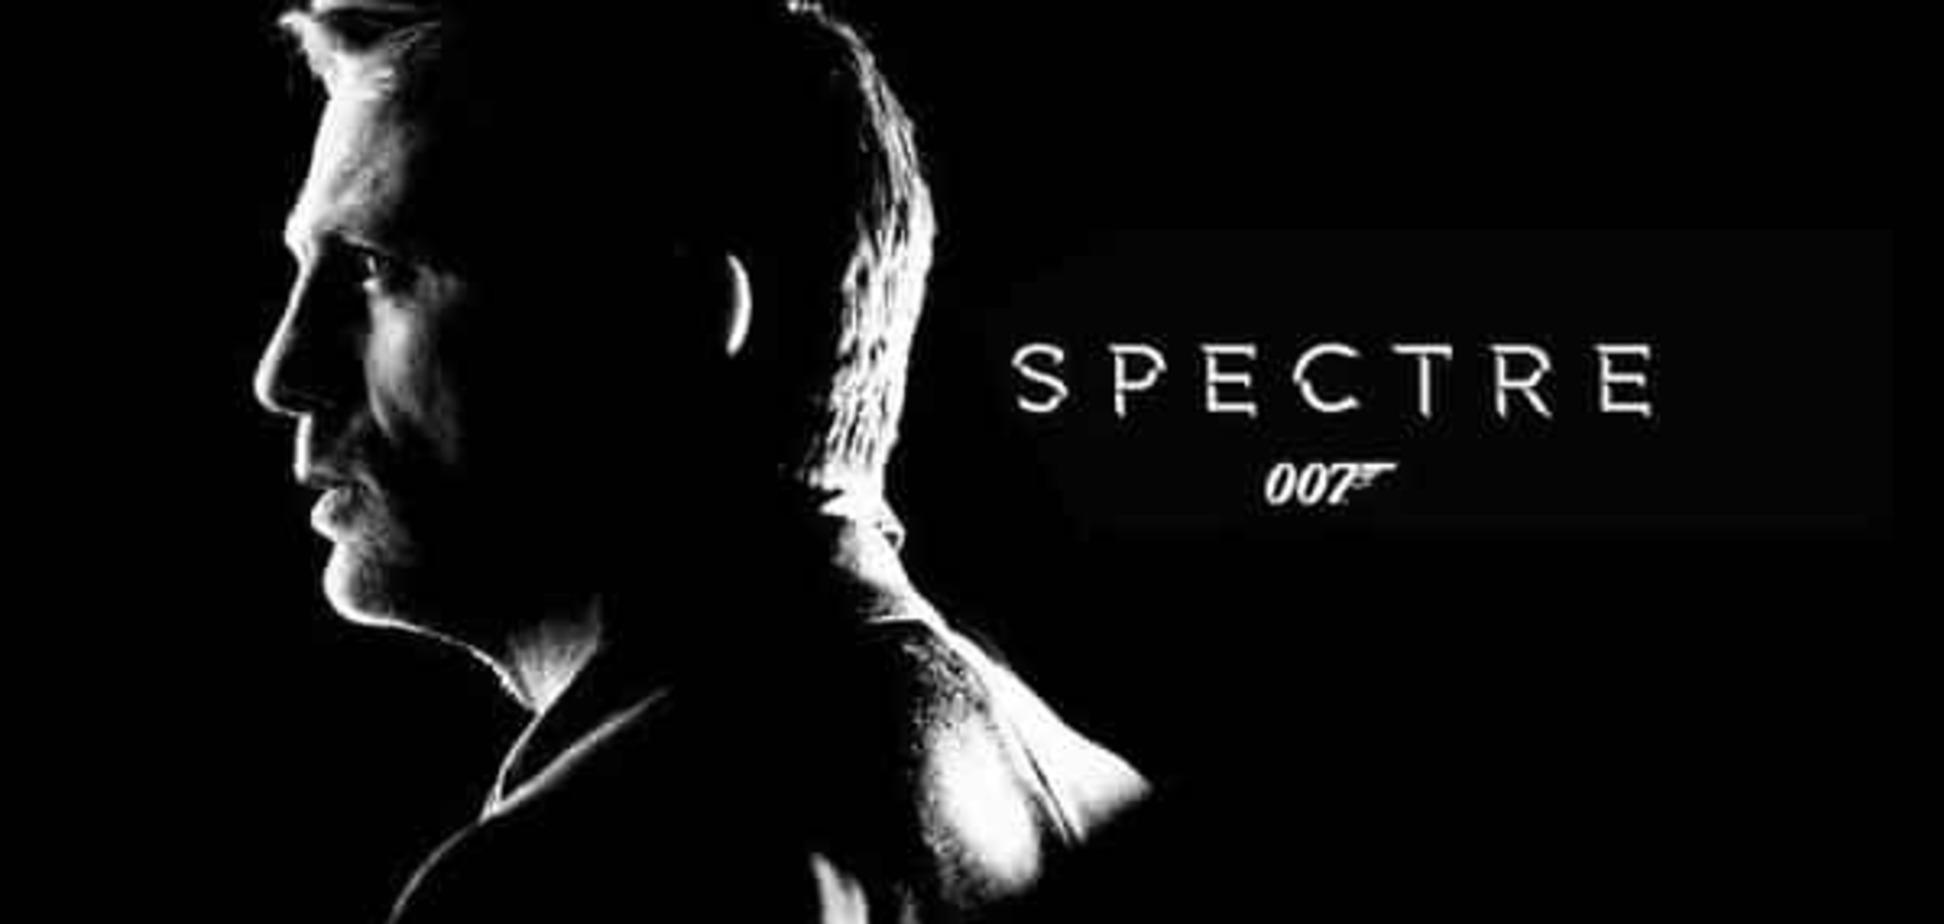 Spectre: в мережі з'явилася невідома версія саундтрека до нової Бондіани